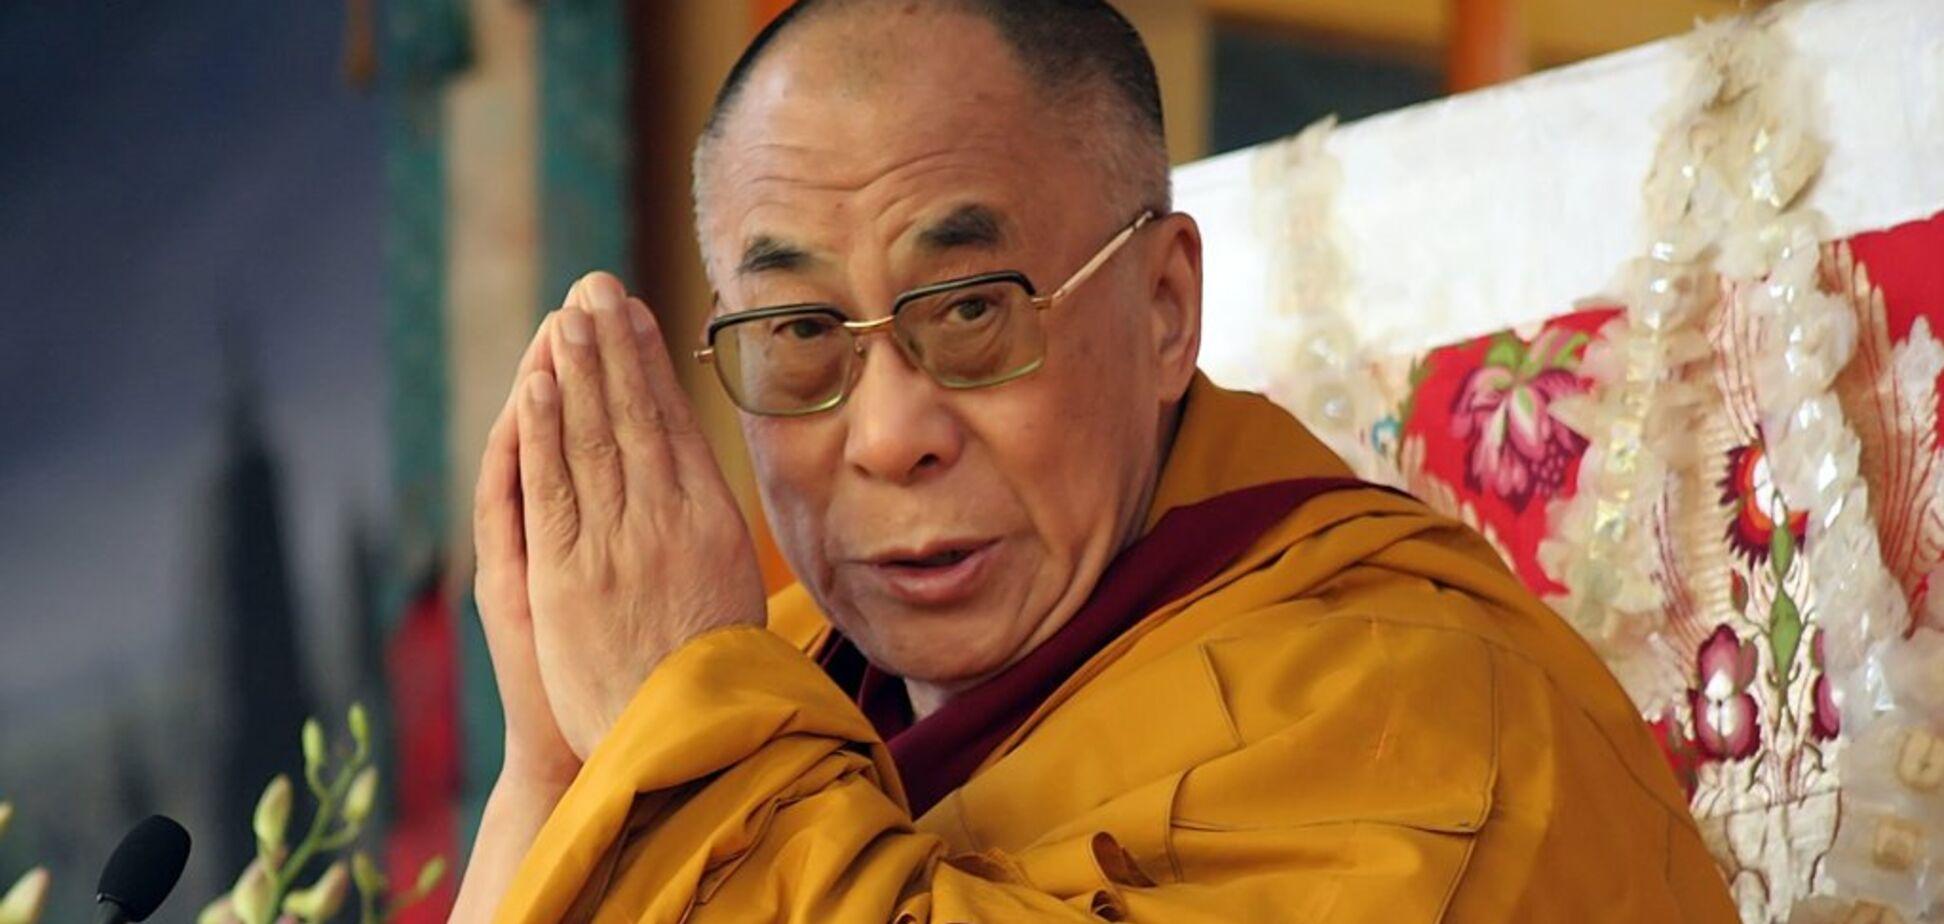 В Індії терміново госпіталізували Далай-ламу